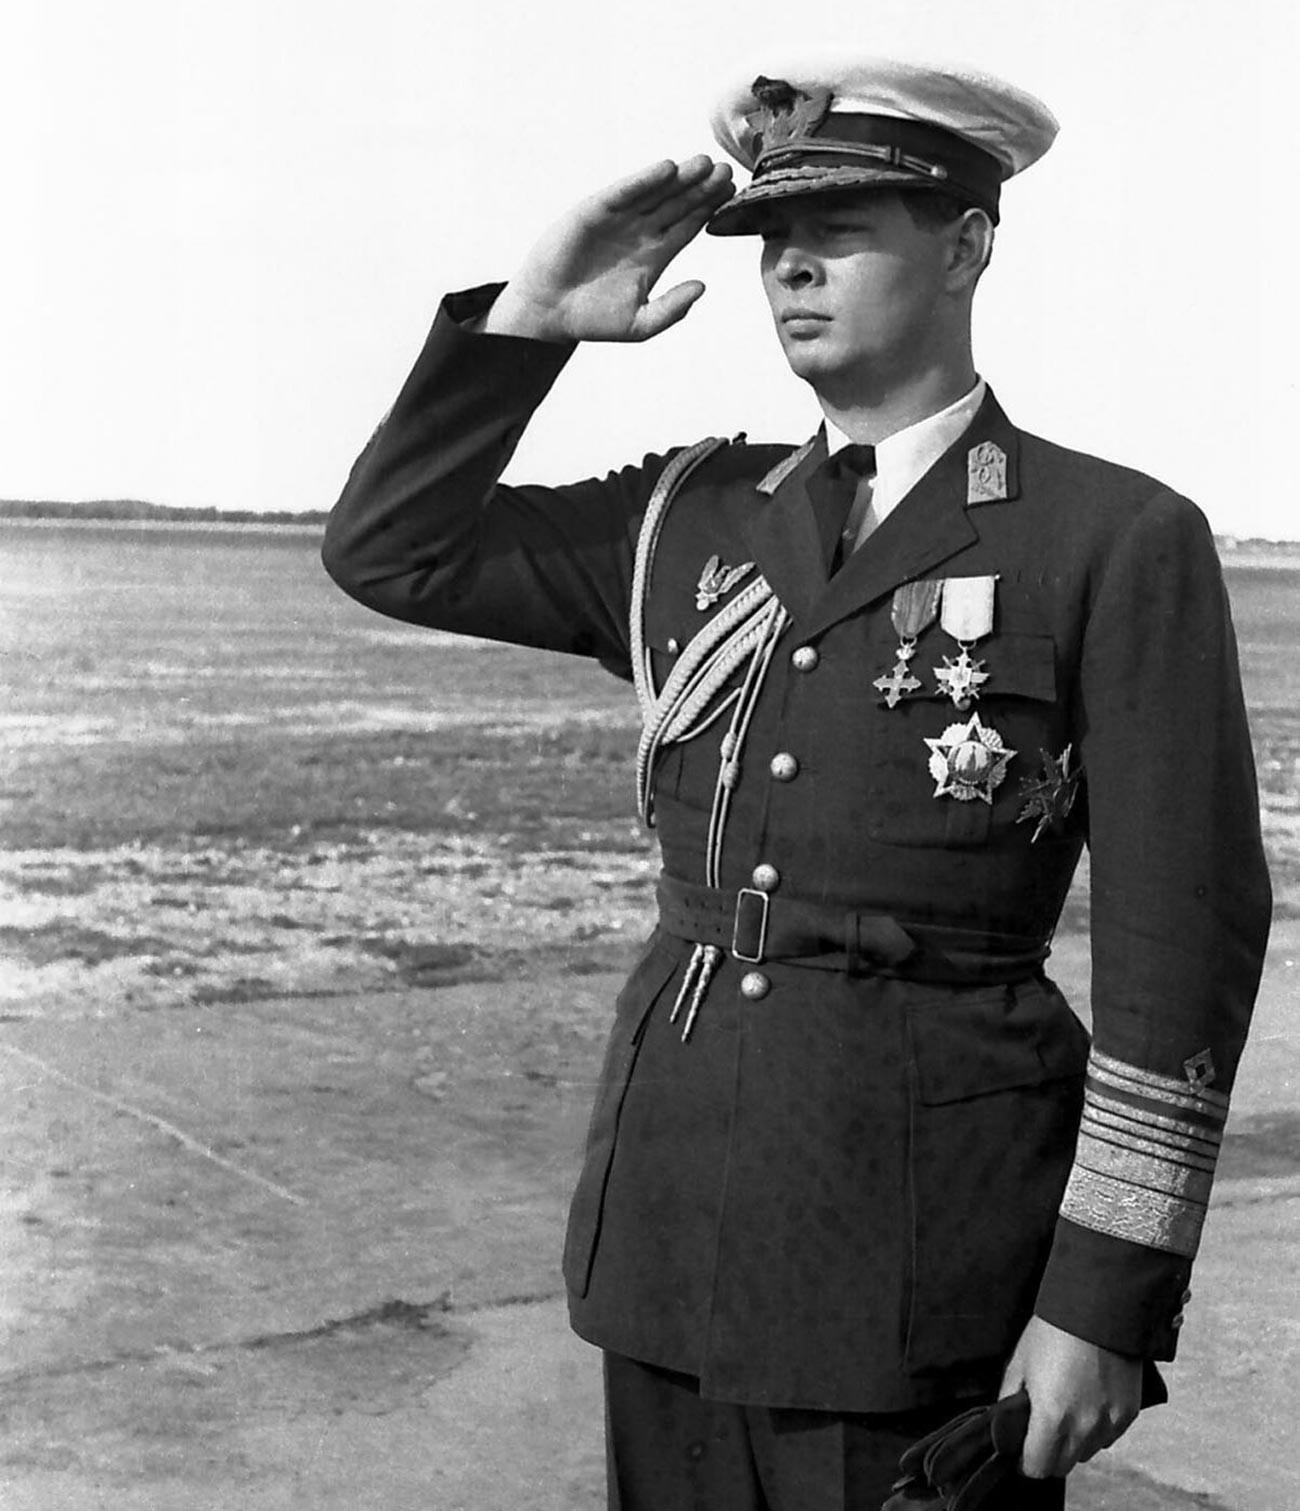 Romunski kralj Mihai I. z redom zmage